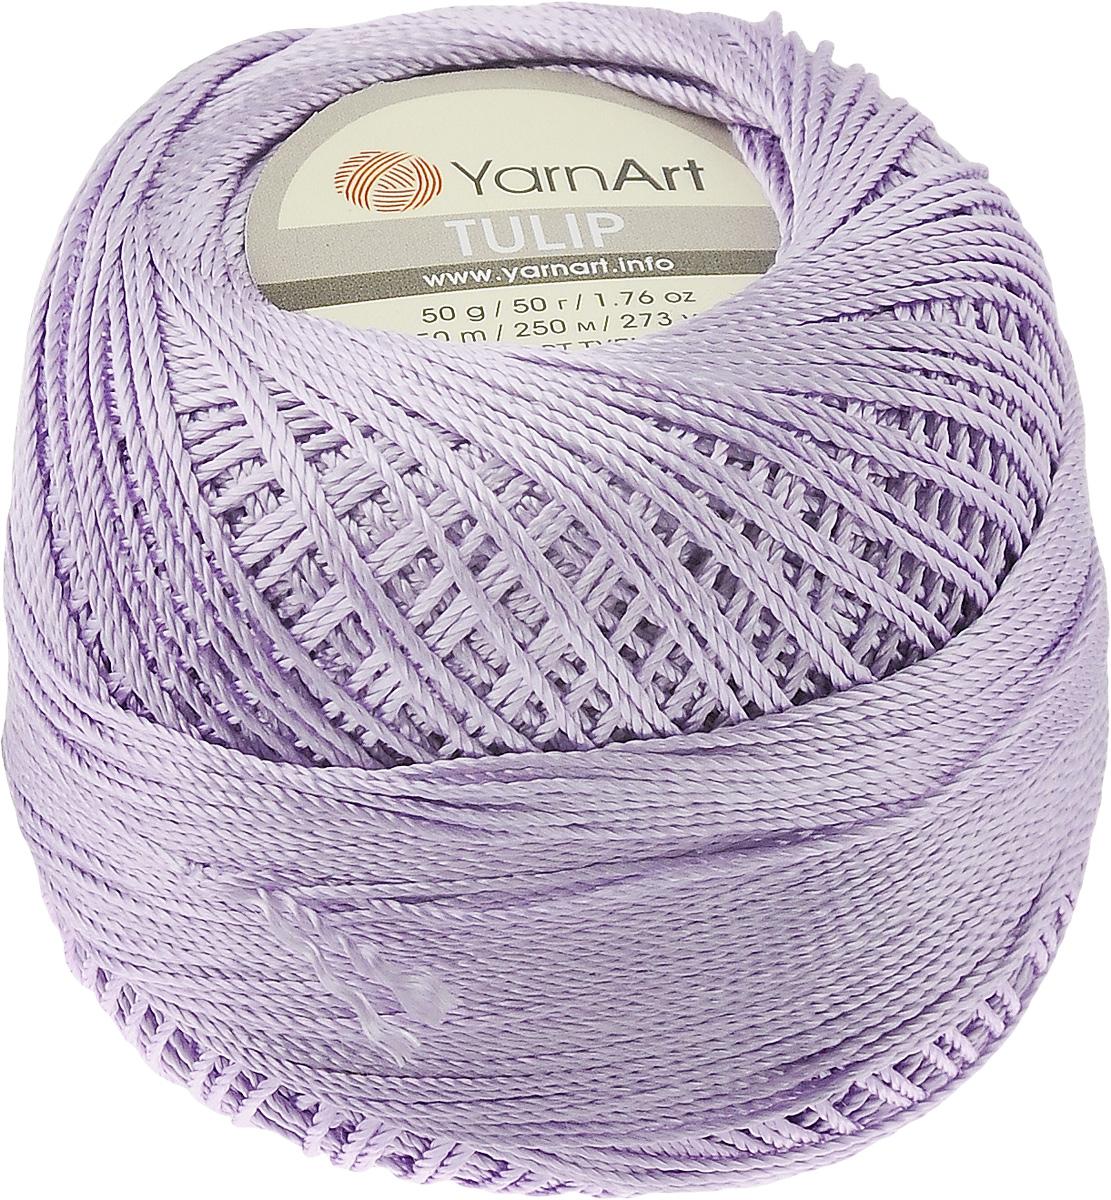 Пряжа для вязания YarnArt Tulip, цвет: сиреневый (413), 250 м, 50 г, 6 шт372017_413Пряжа для вязания YarnArt Tulip (Ирис) изготовлена из 100% микрофибры. Пряжа приятная на ощупь, легкая, тонкая и упругая. Хорошо смотрится практически в любых узорах, не косит, послушно ложится в узоры и спицами, и крючком. Ниточка блестящая и такими же блестящими получаются изделия из нее. Нить удобна и практична тем, что хорошо смотрится как в объемных рельефных узорах, так и в самой простой чулочной вязке. Пряжа Tulip - классический вариант демисезонной пряжи, идеальна для создания летней одежды, купальников, аксессуаров, бижутерии, салфеток, ирландского кружева, жгутов и т.д. Нежная текстура ниток подходит для создания одежды детям. Изделия получаются легкими, не деформируются и не вытягиваются ни при вязании, ни при последующей носке. Микрофибра гипоаллергенна, поэтому вязаные вещи подходят даже для чувствительной кожи. Богатая цветовая гамма однотонных и меланжевых расцветок порадует рукодельниц и удовлетворит даже самых взыскательных модниц. Нить очень...